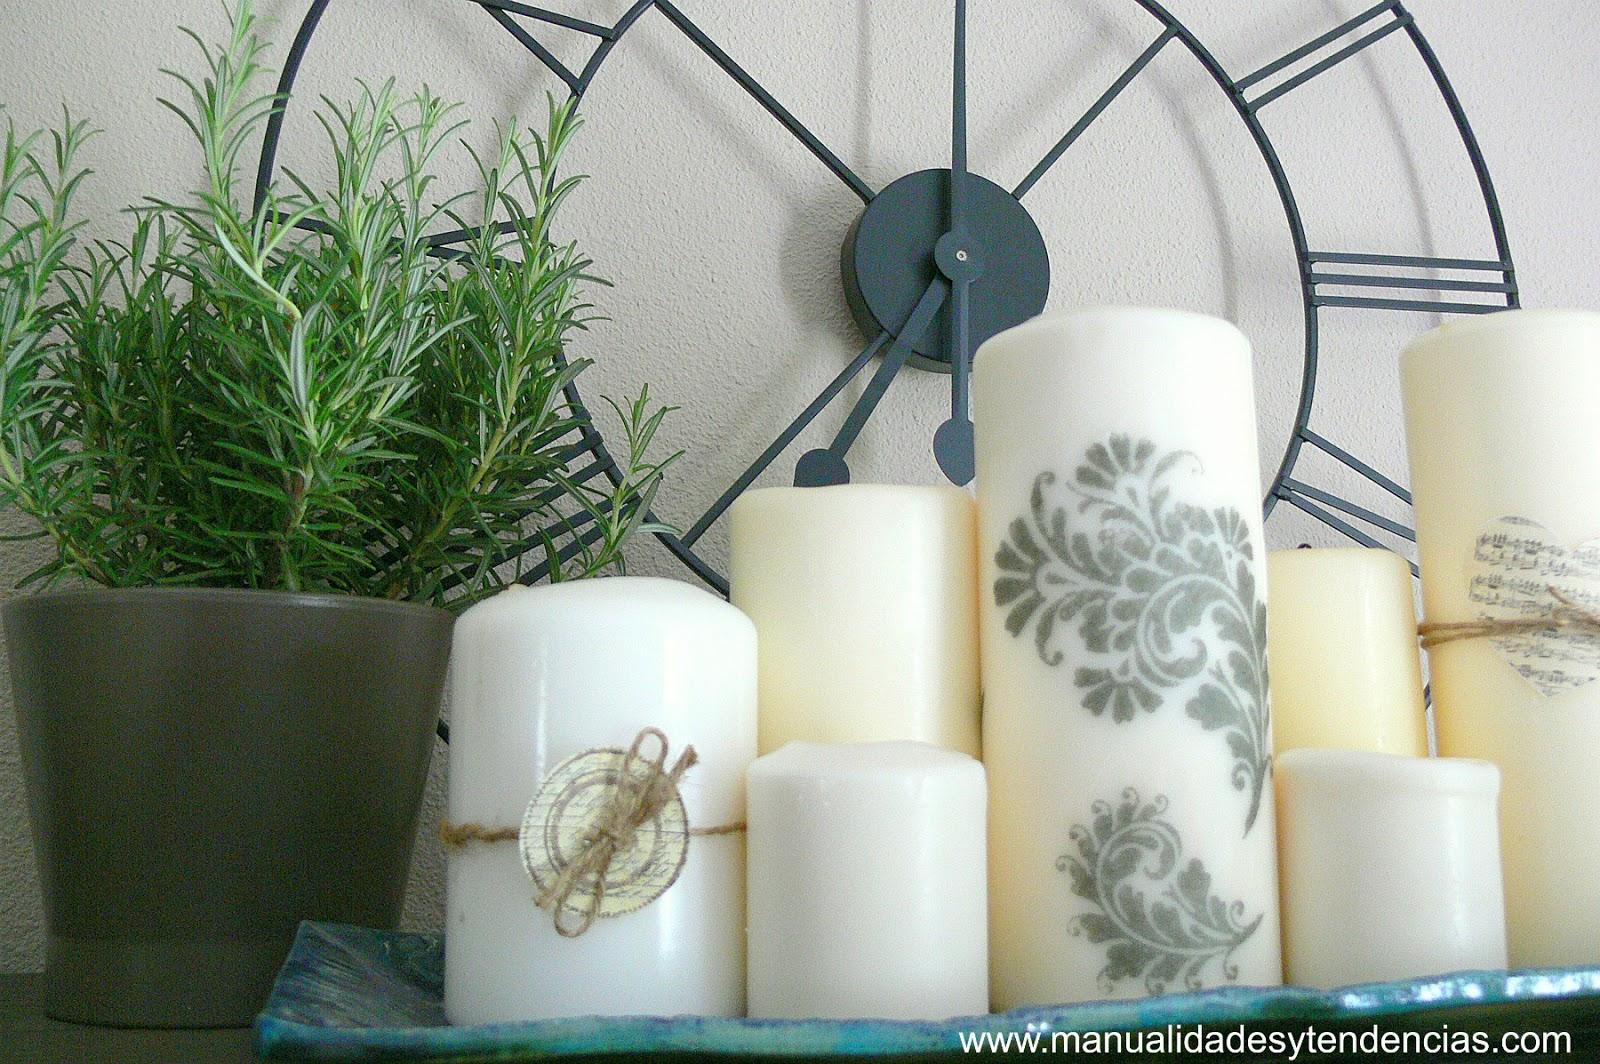 C mo decorar velas con sellos candle decorating idea handbox craft lovers comunidad diy - Como decorar con velas ...